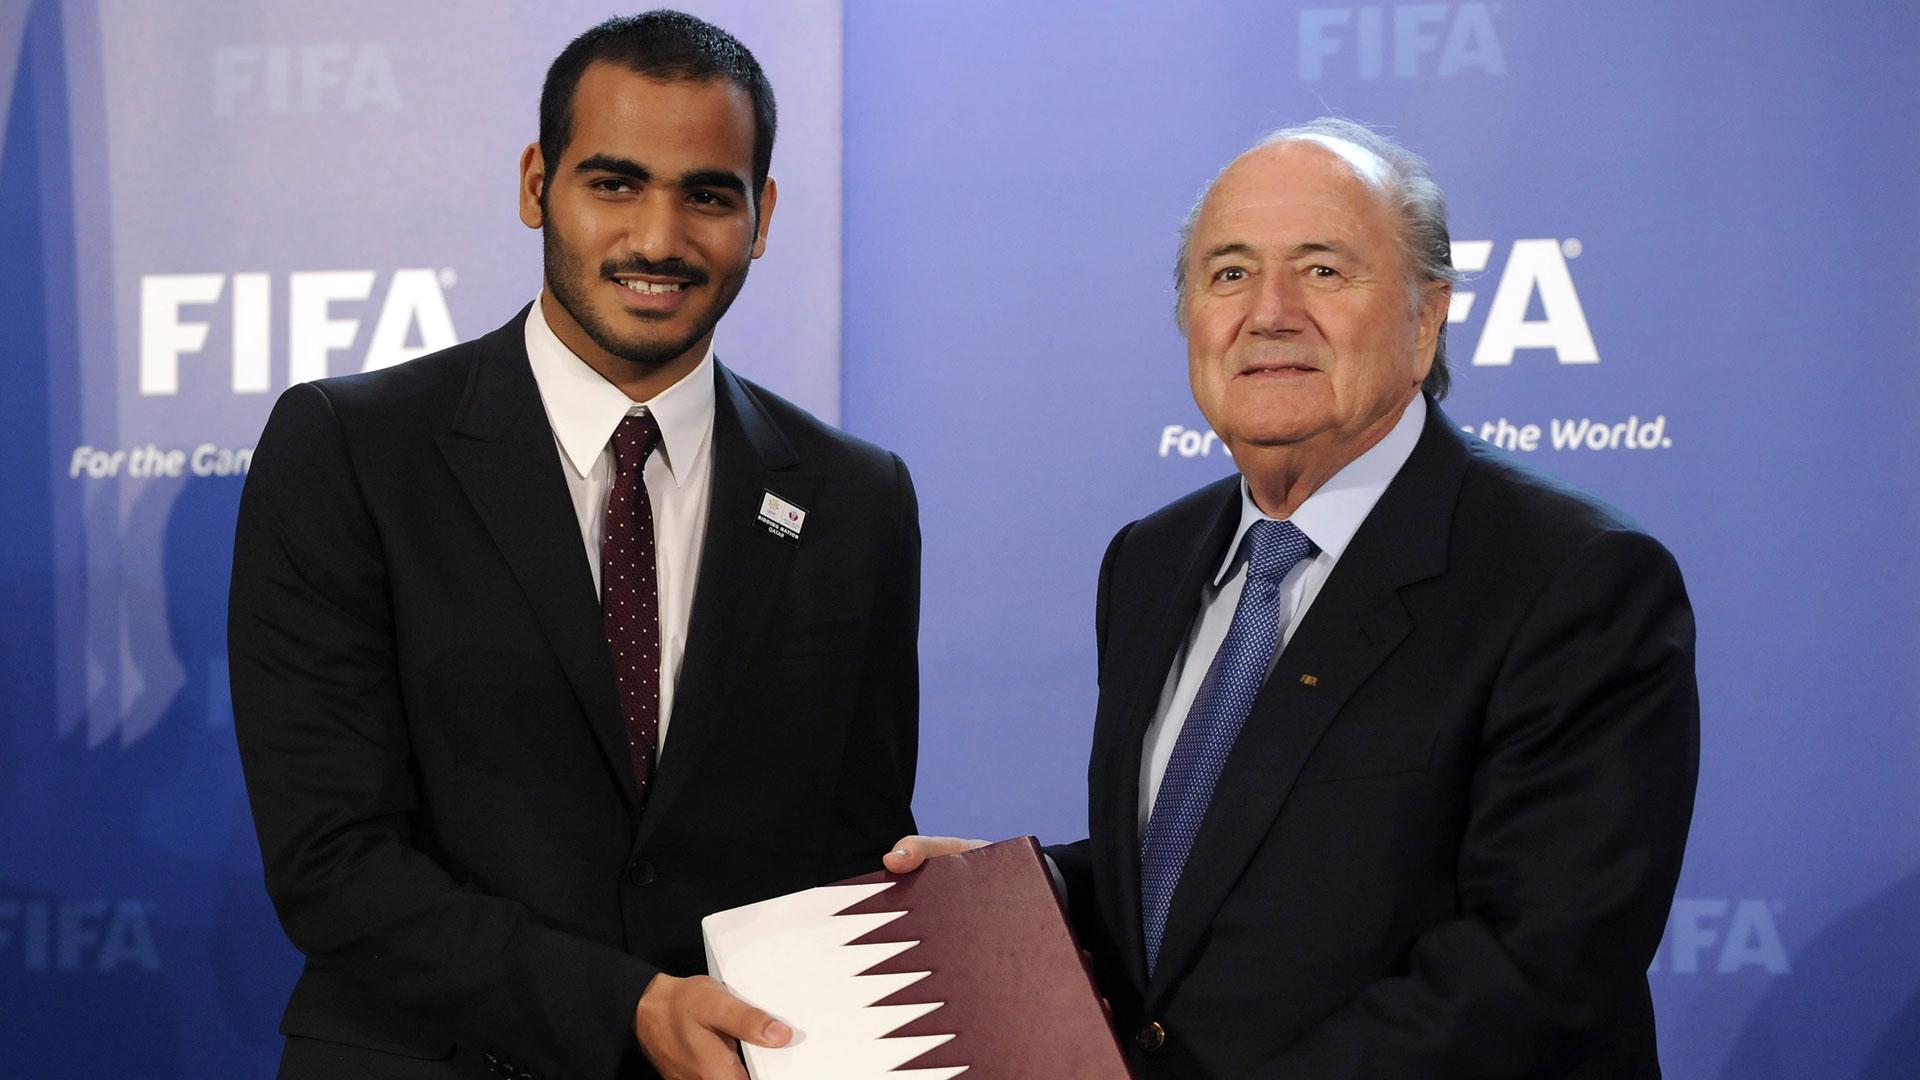 'Sjeiks controleren het hedendaagse voetbal'